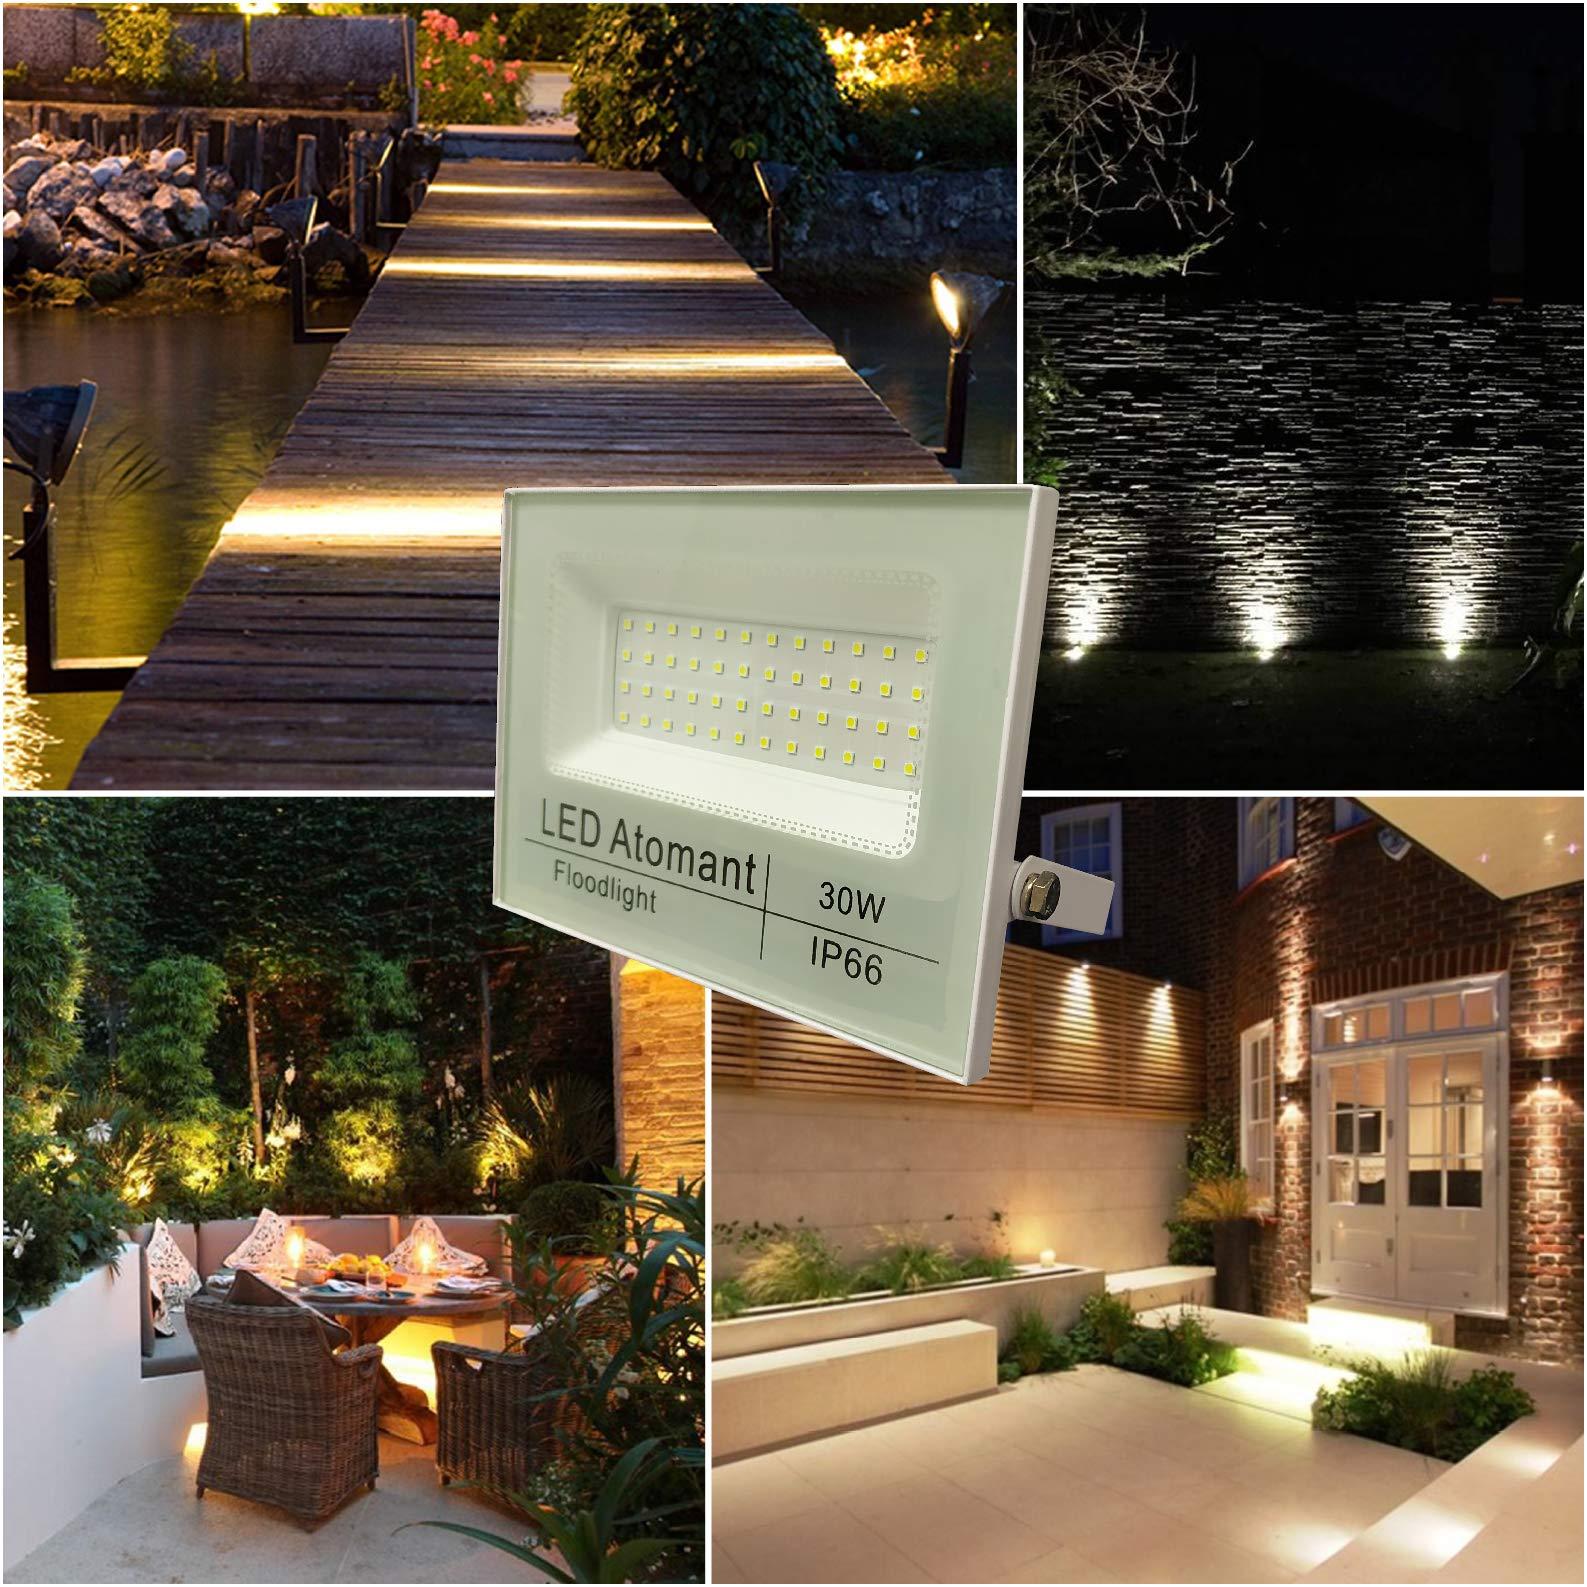 L/ámpara de Trabajo Recargable,DINOWIN 30W Impermeable IP65 Foco LED Proyector Iluminacion Exterior del Jard/ín al Aire Libre Patio Terraza Pescado,Camping Luz Protector Port/átil luz blanca